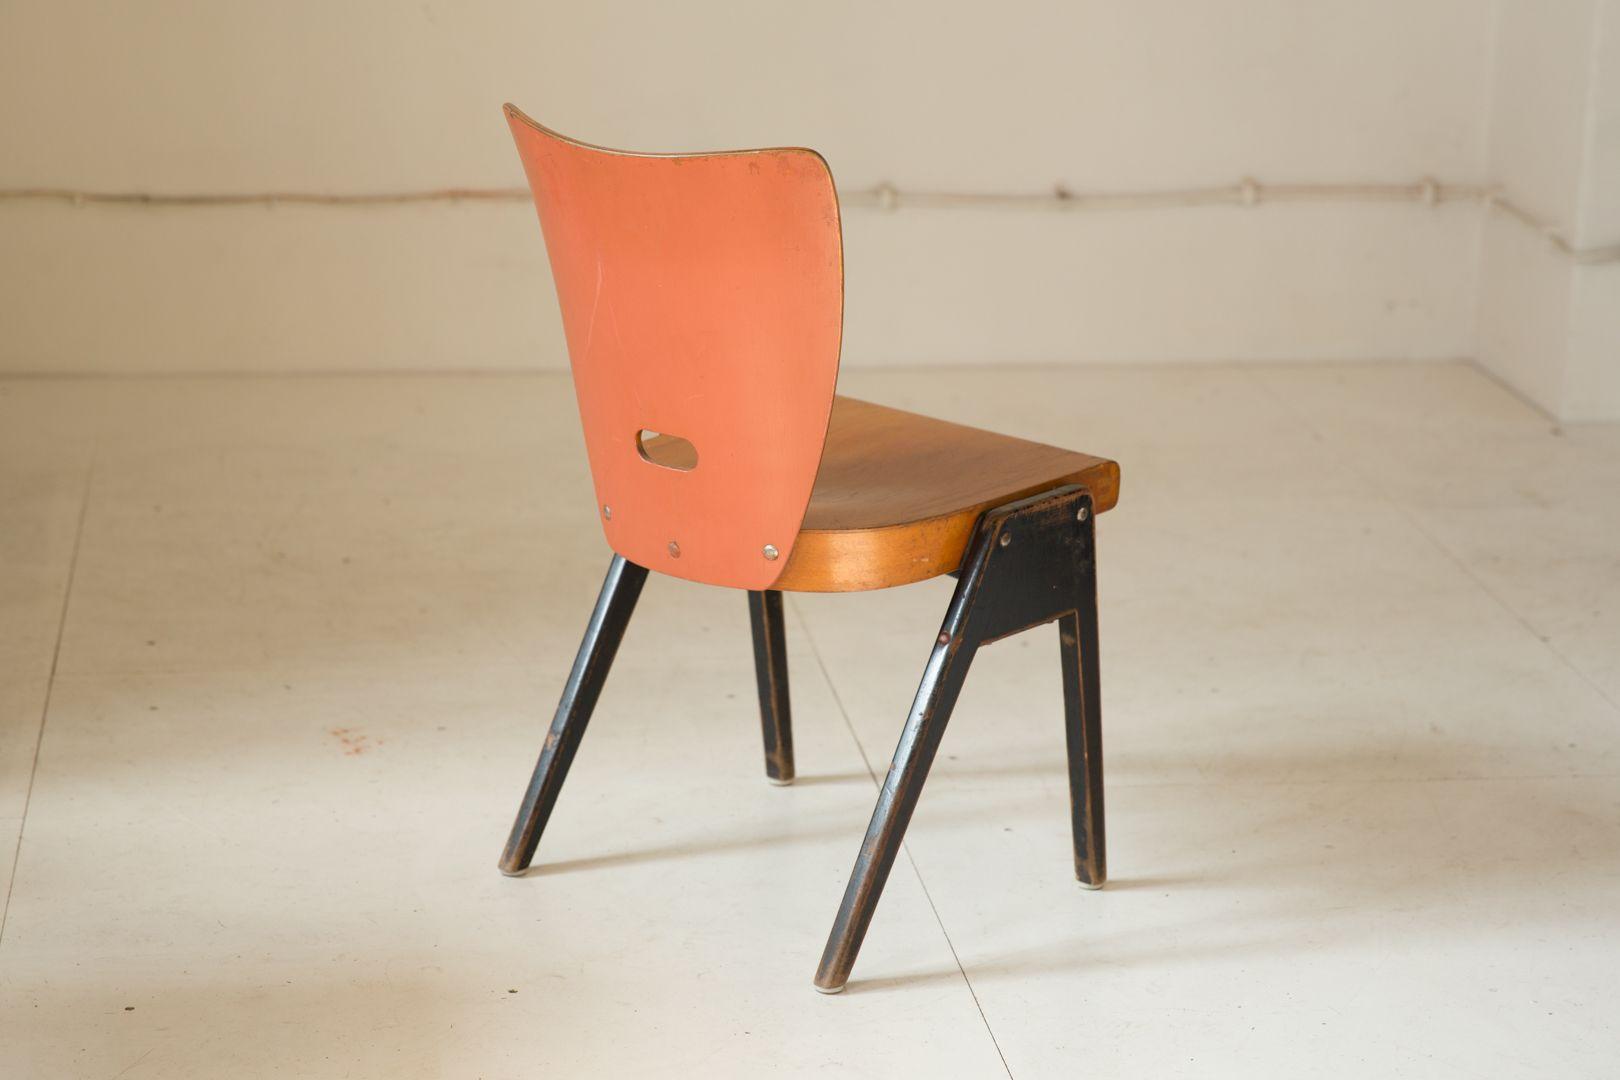 chaise vintage rouge empilable en vente sur pamono. Black Bedroom Furniture Sets. Home Design Ideas